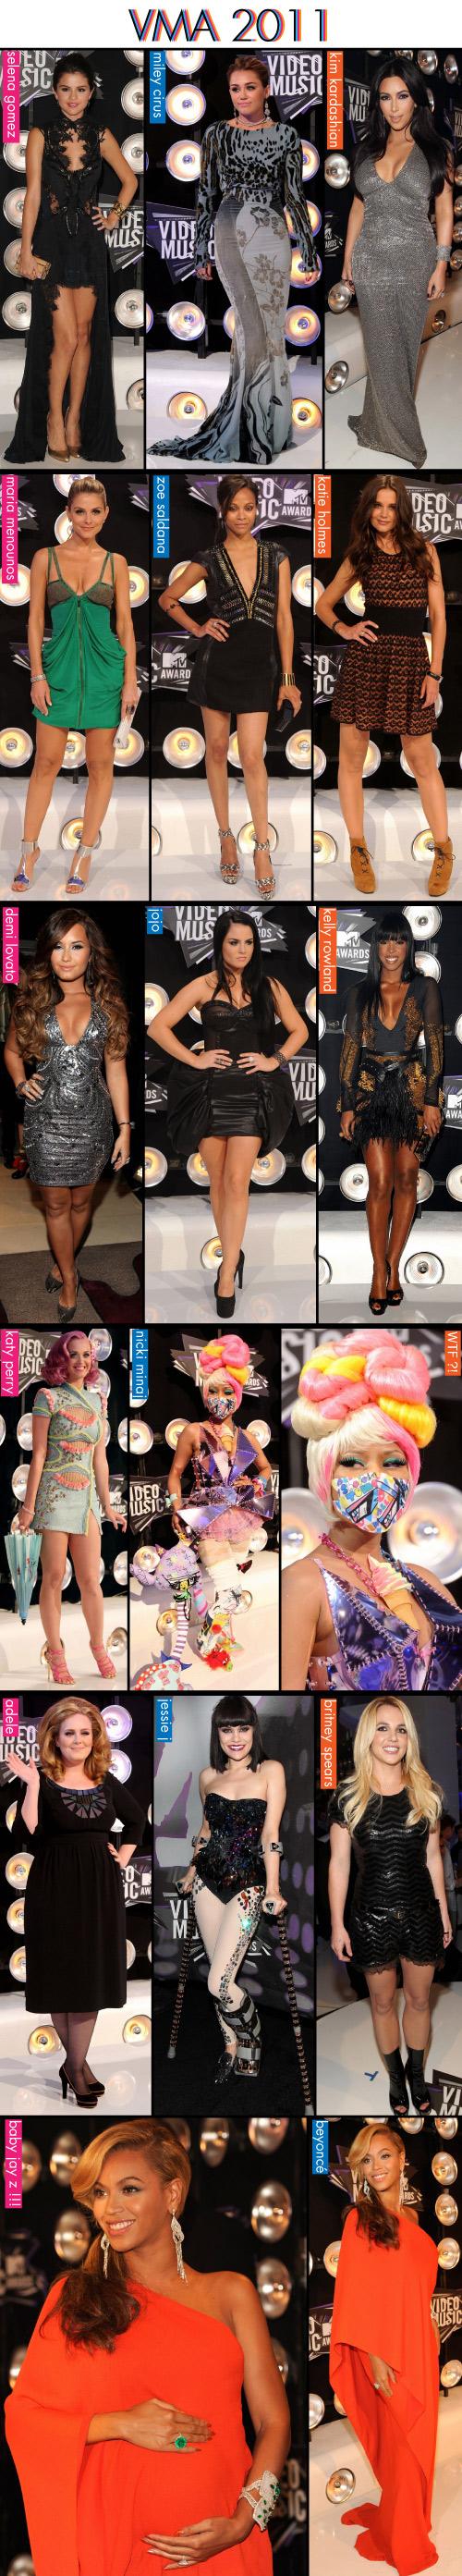 VMA-2011